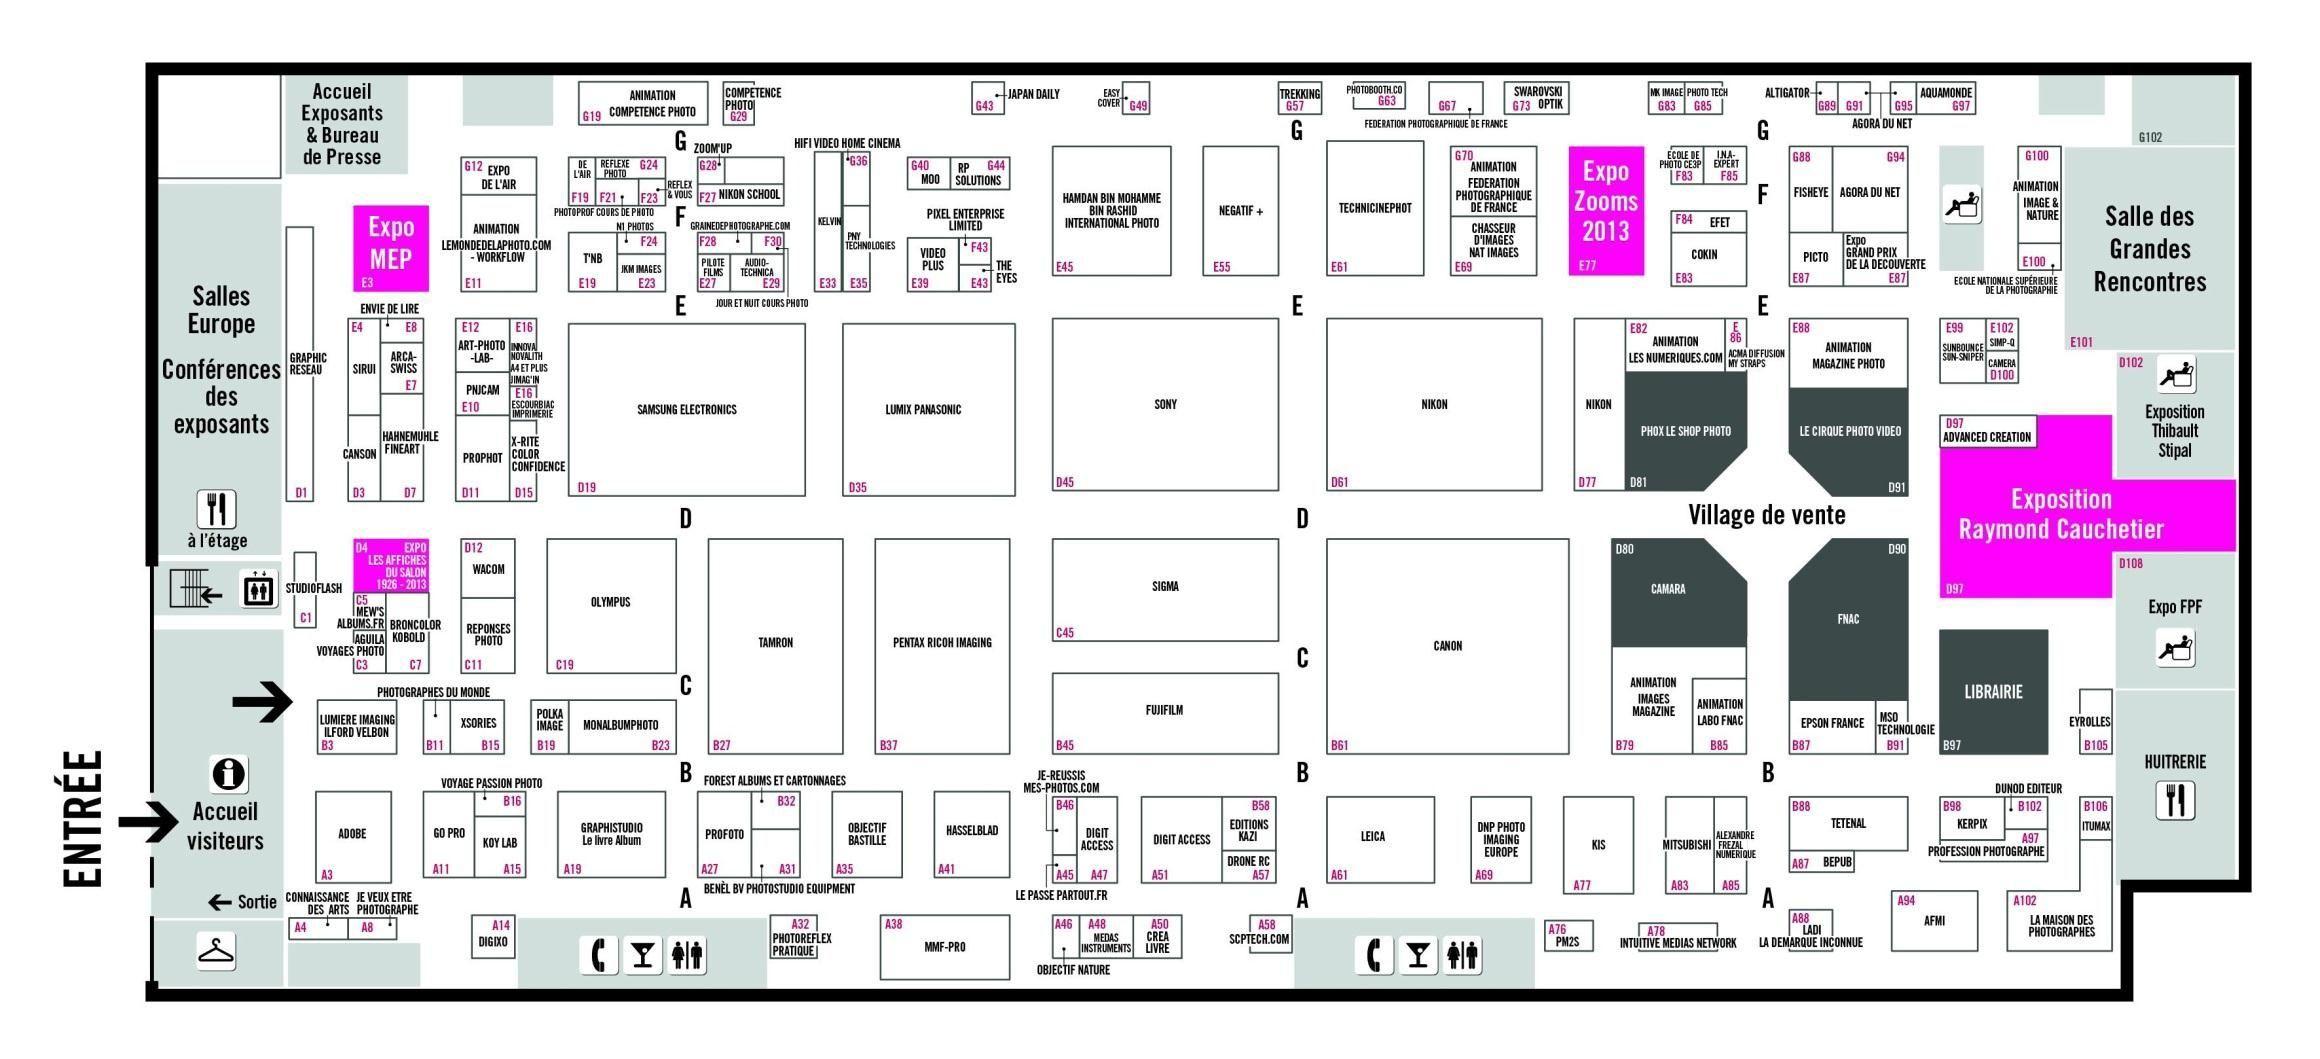 Le plan du Salon de la Photo 2013